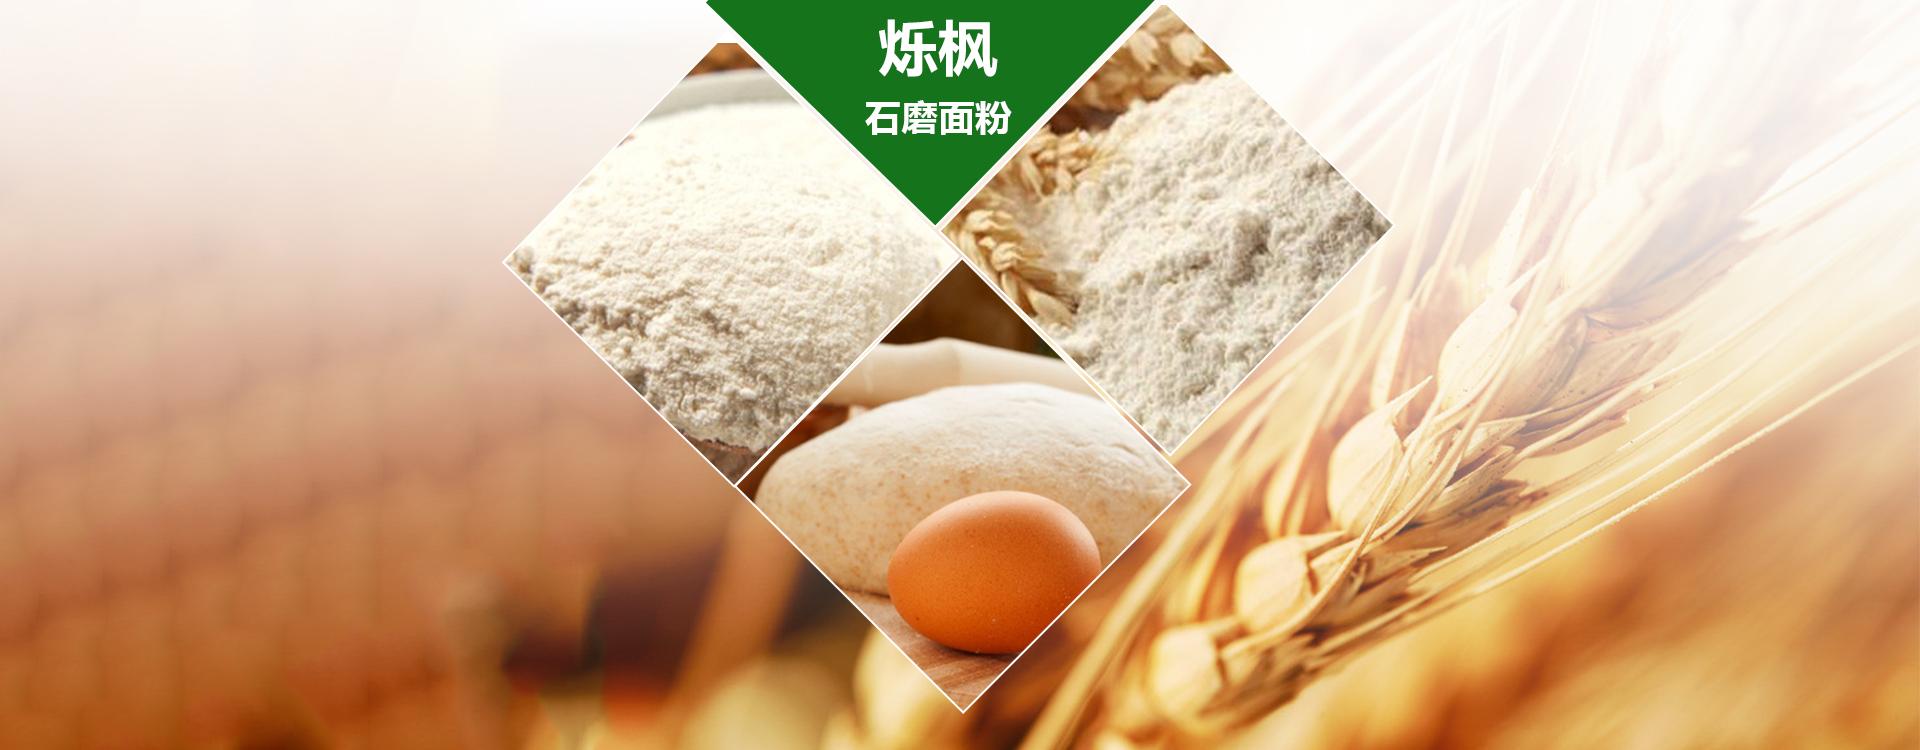 南阳石磨面粉